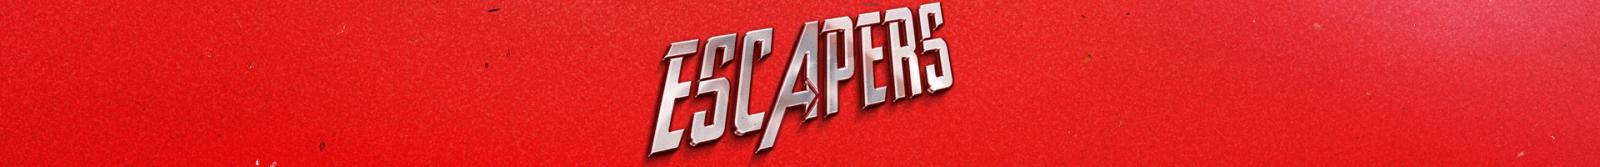 Escapers - İnceleme ve Kaçış Ekibi Yorumları